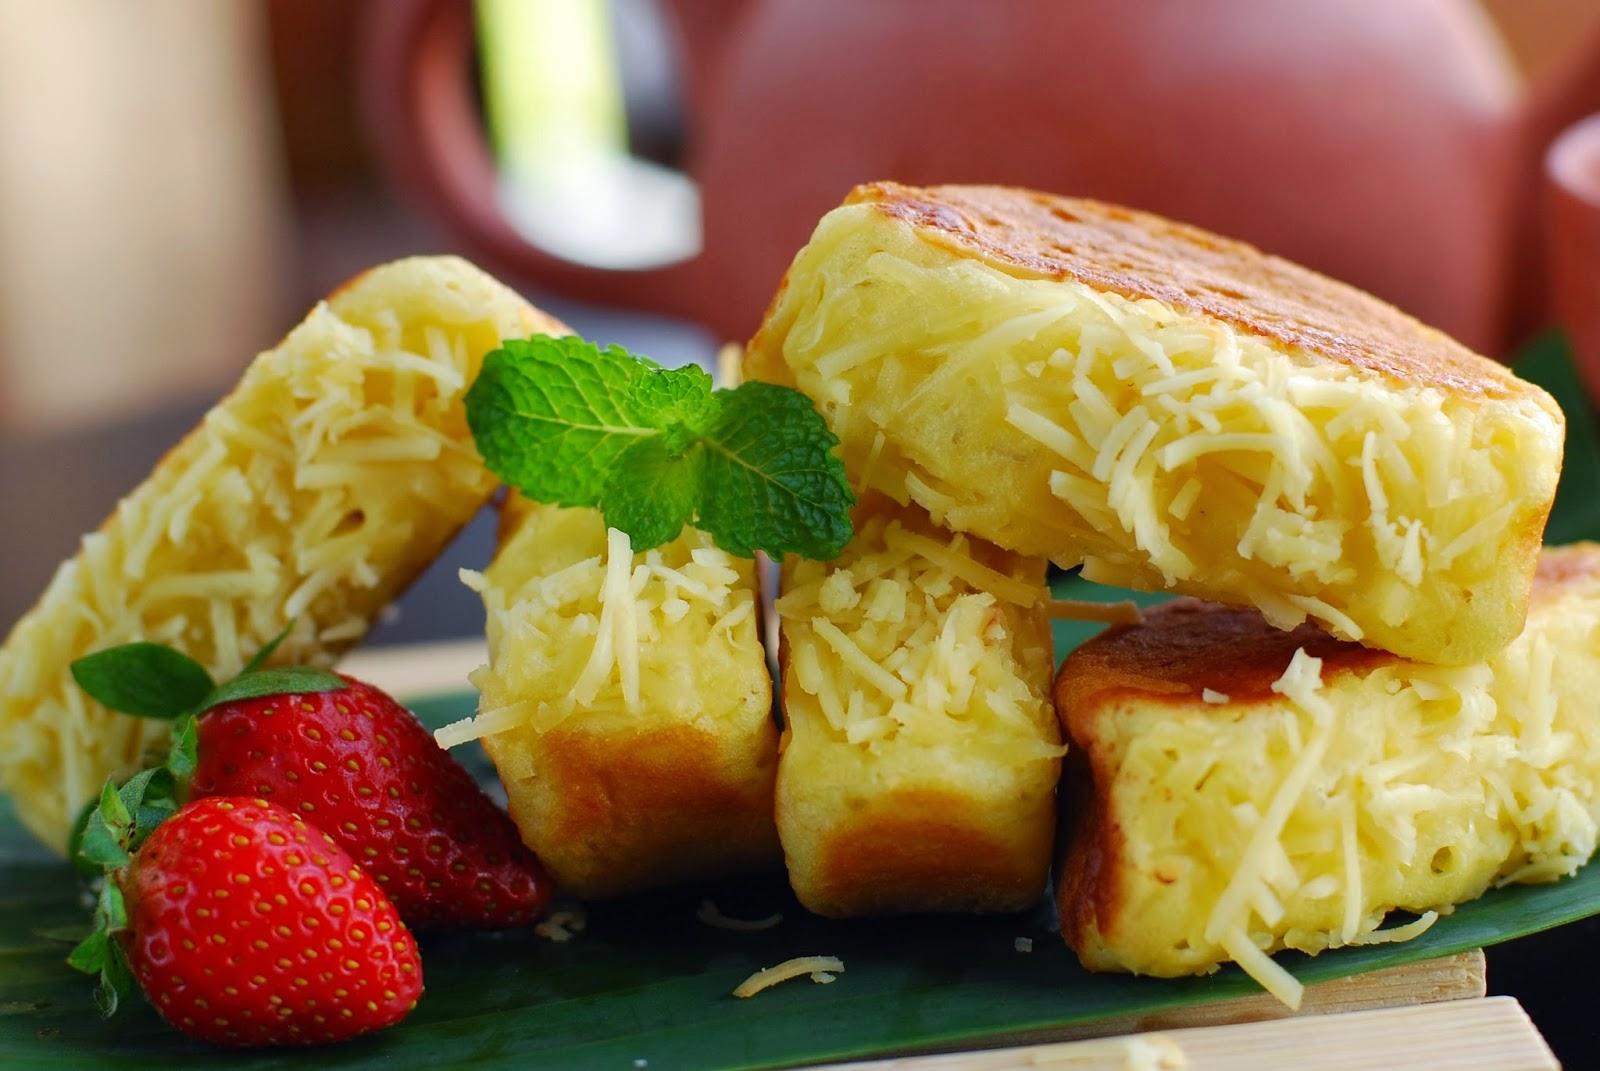 Resep kue pukis, cara membuat kue pukis, kue pukis keju, resep kue, bahan-bahan membuat kue pukis.